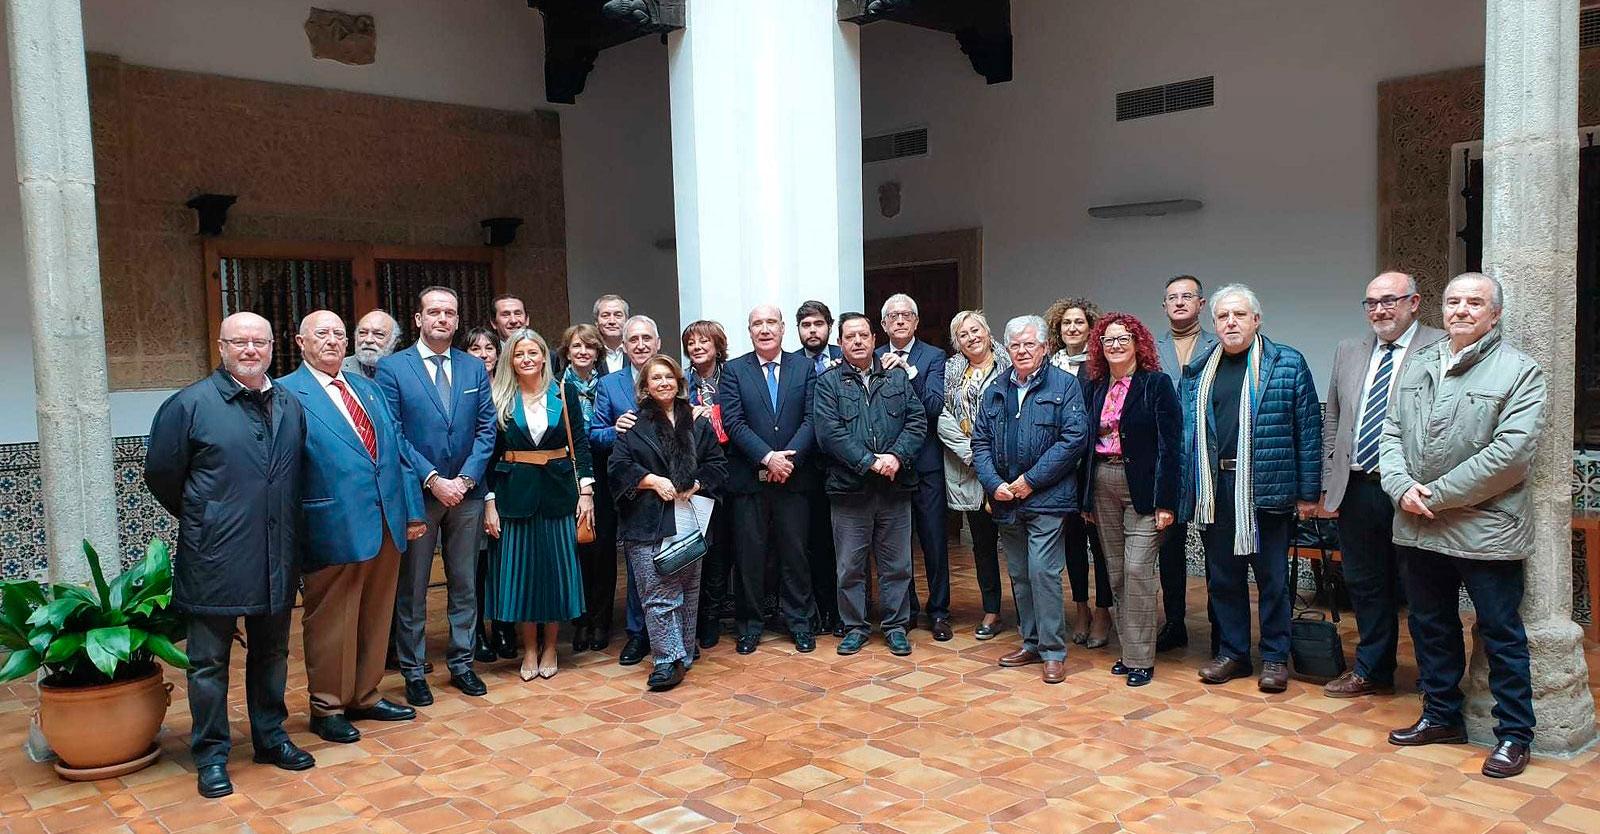 La Academia de Gastronomía de C-LM concede la Medalla de Honor a la JCCM y, en su nombre, al presidente, Emiliano García-Page